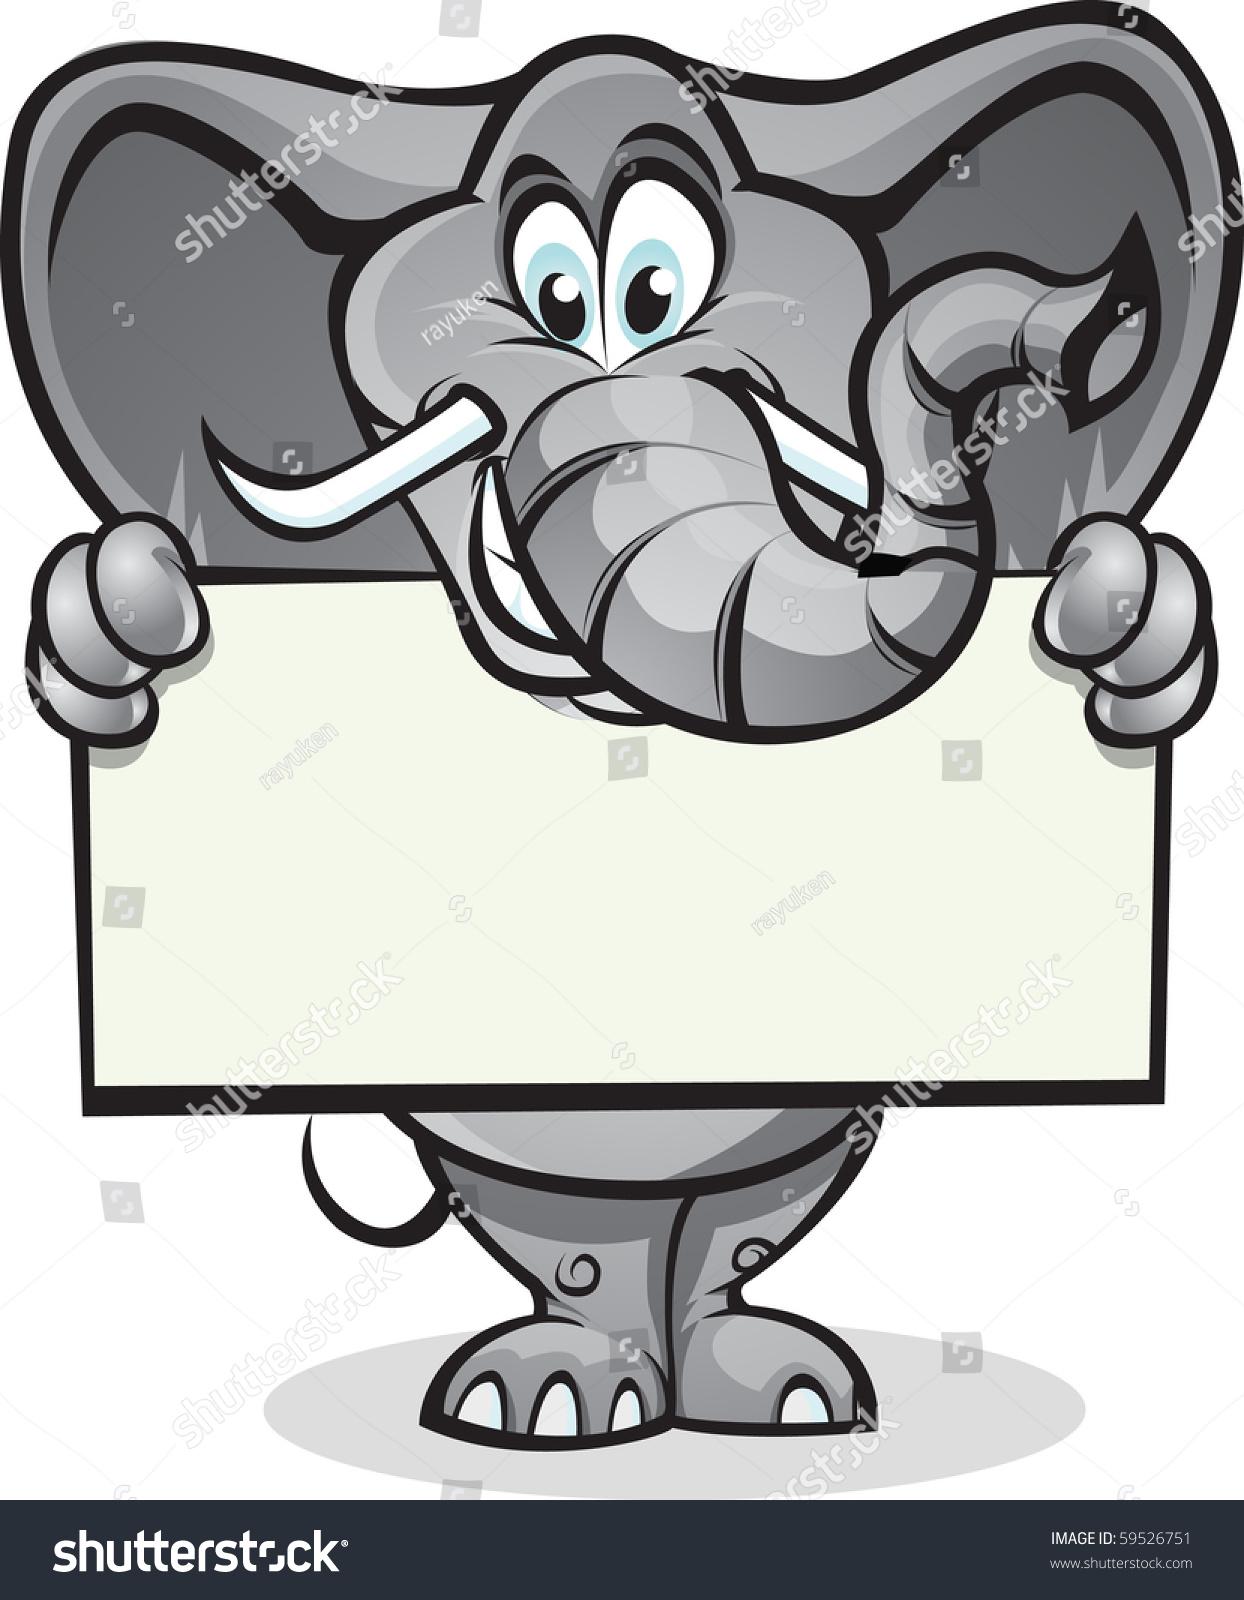 可爱的大象举起一个信号.分为层容易编辑.-动物/野生